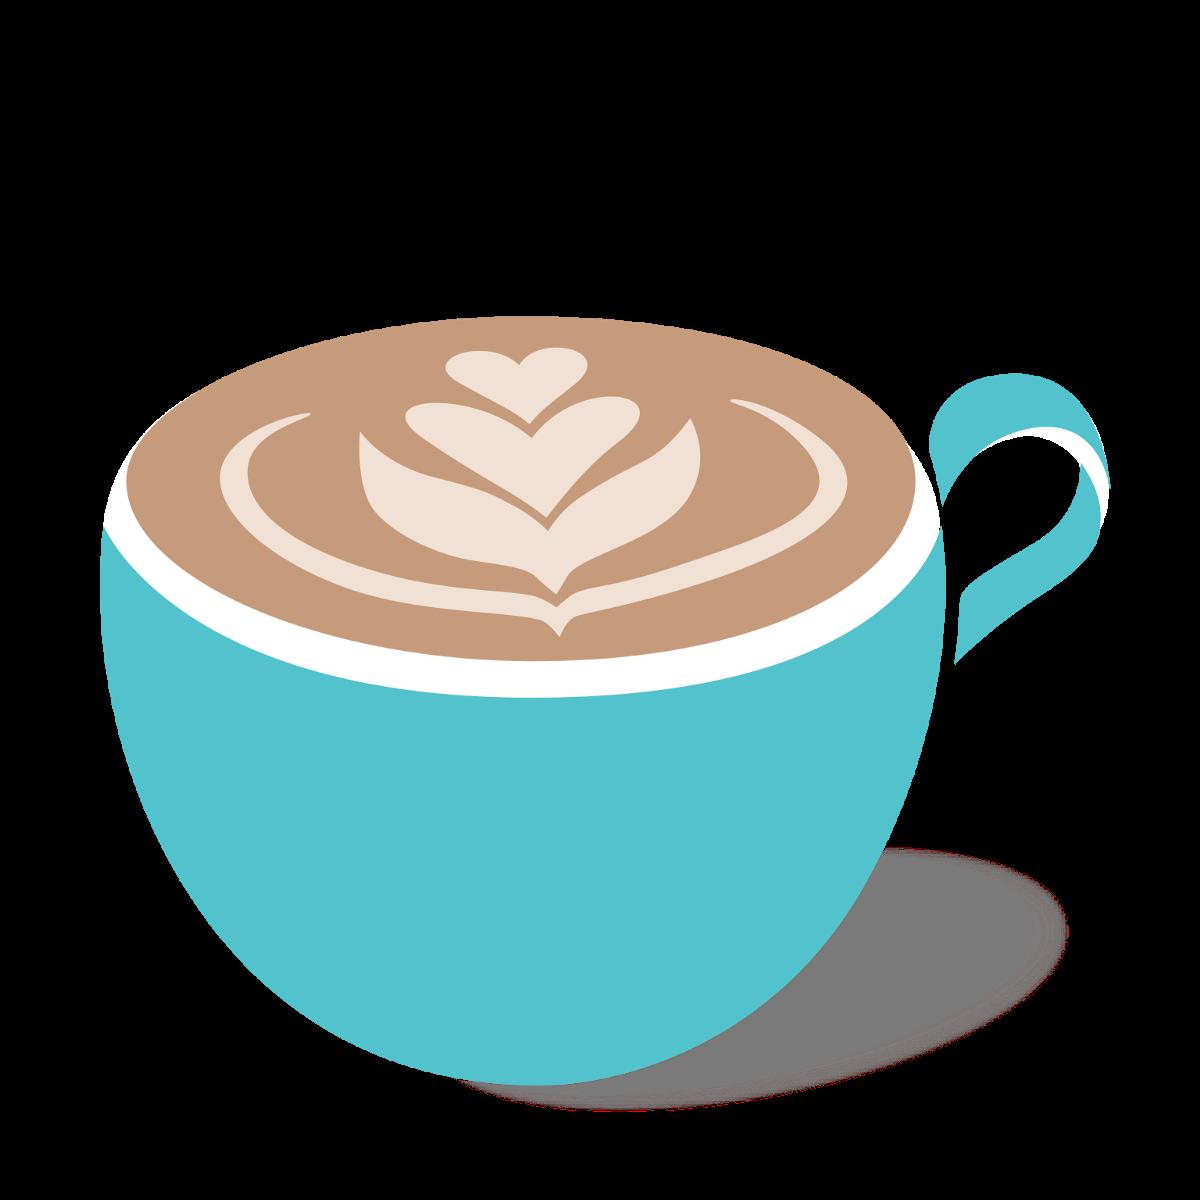 Clipart coffee blue. Best artisanal shops in